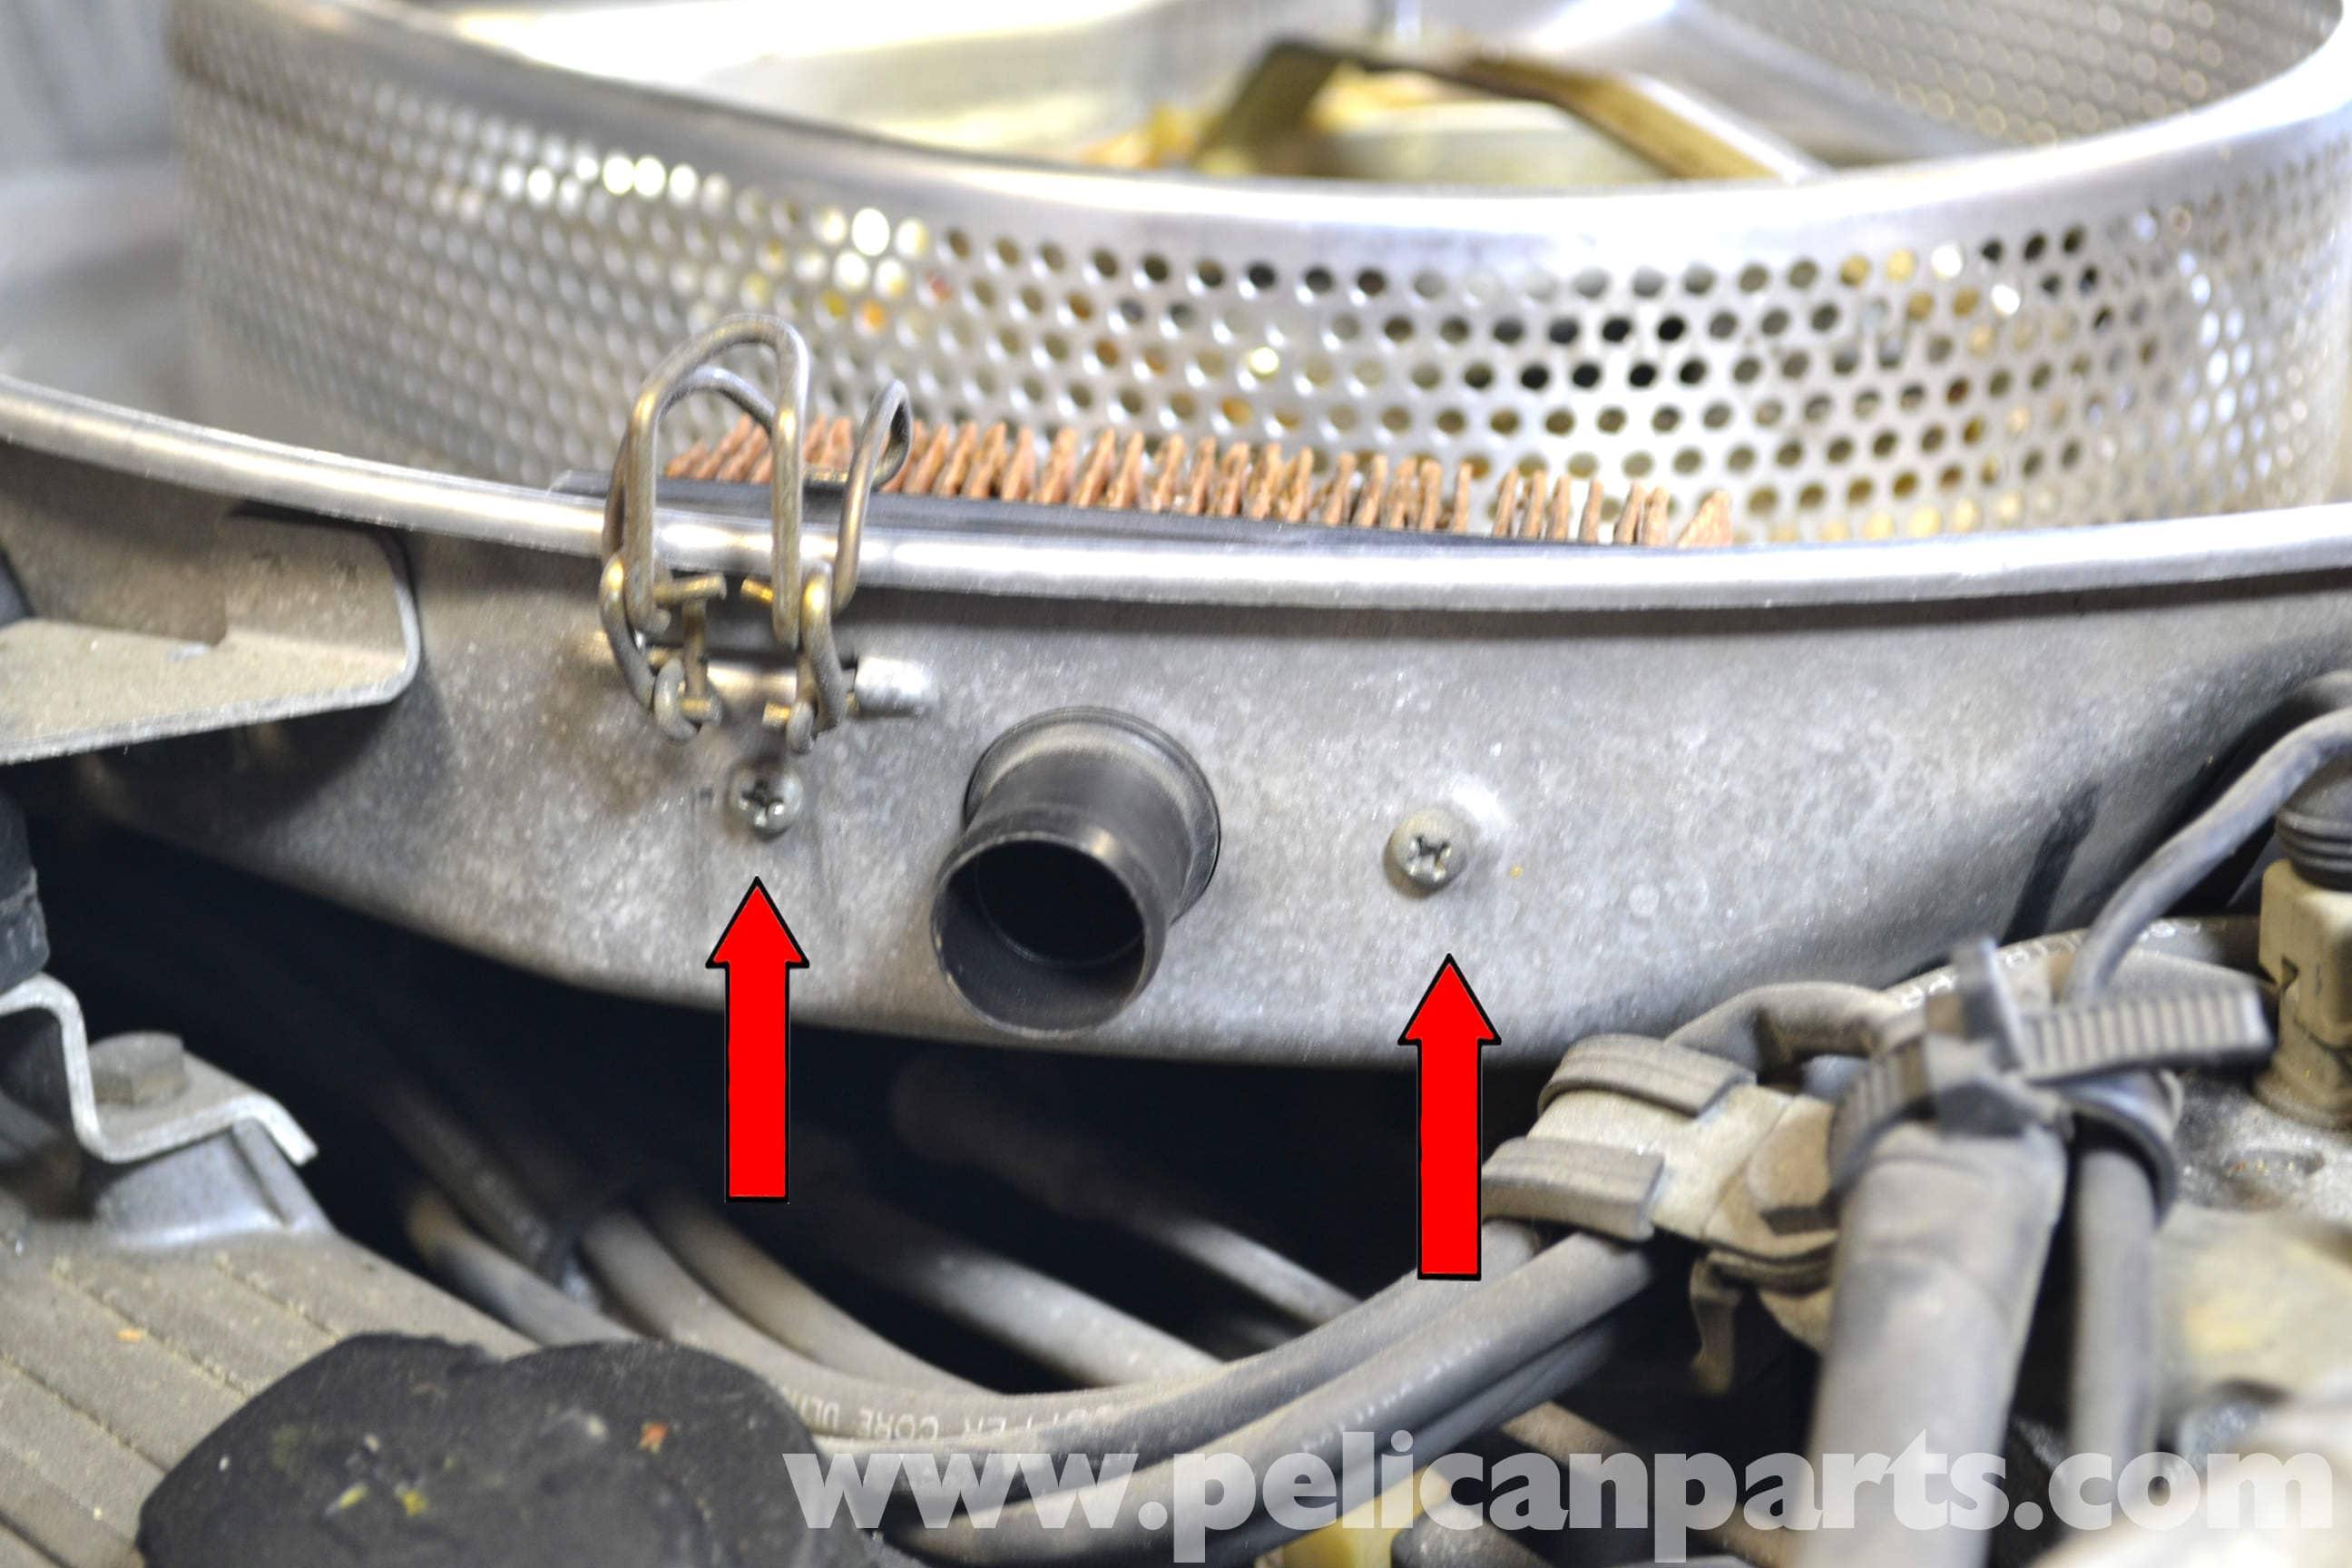 Mercedes-Benz W126 Air Filter Replacement | 1981-1991 S-Class ...